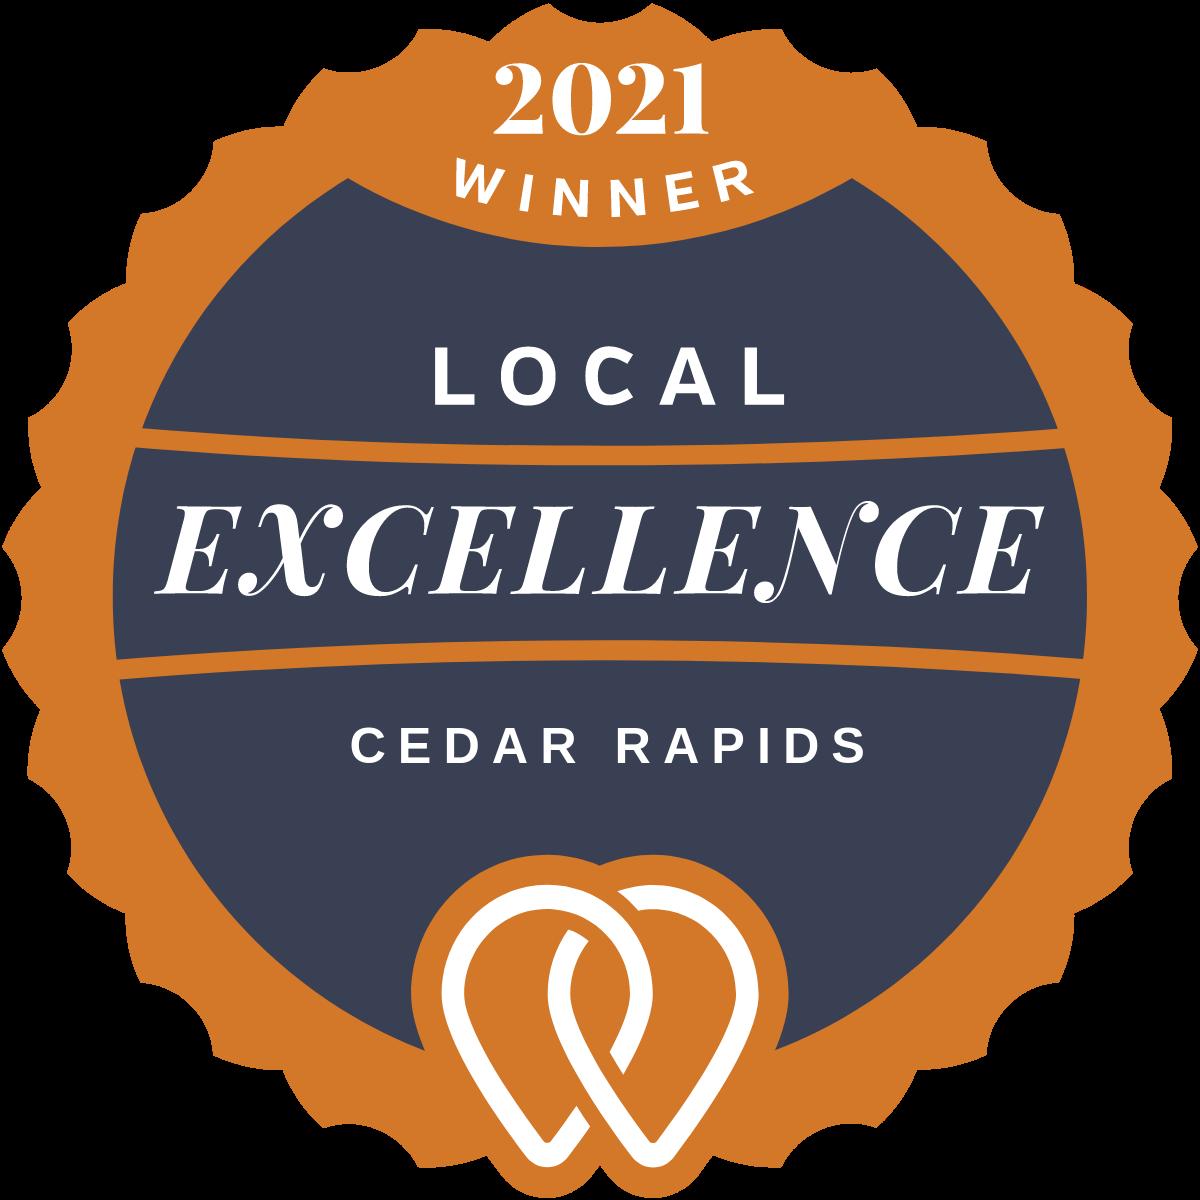 2021 Local Excellence Winner in Cedar Rapids, IA